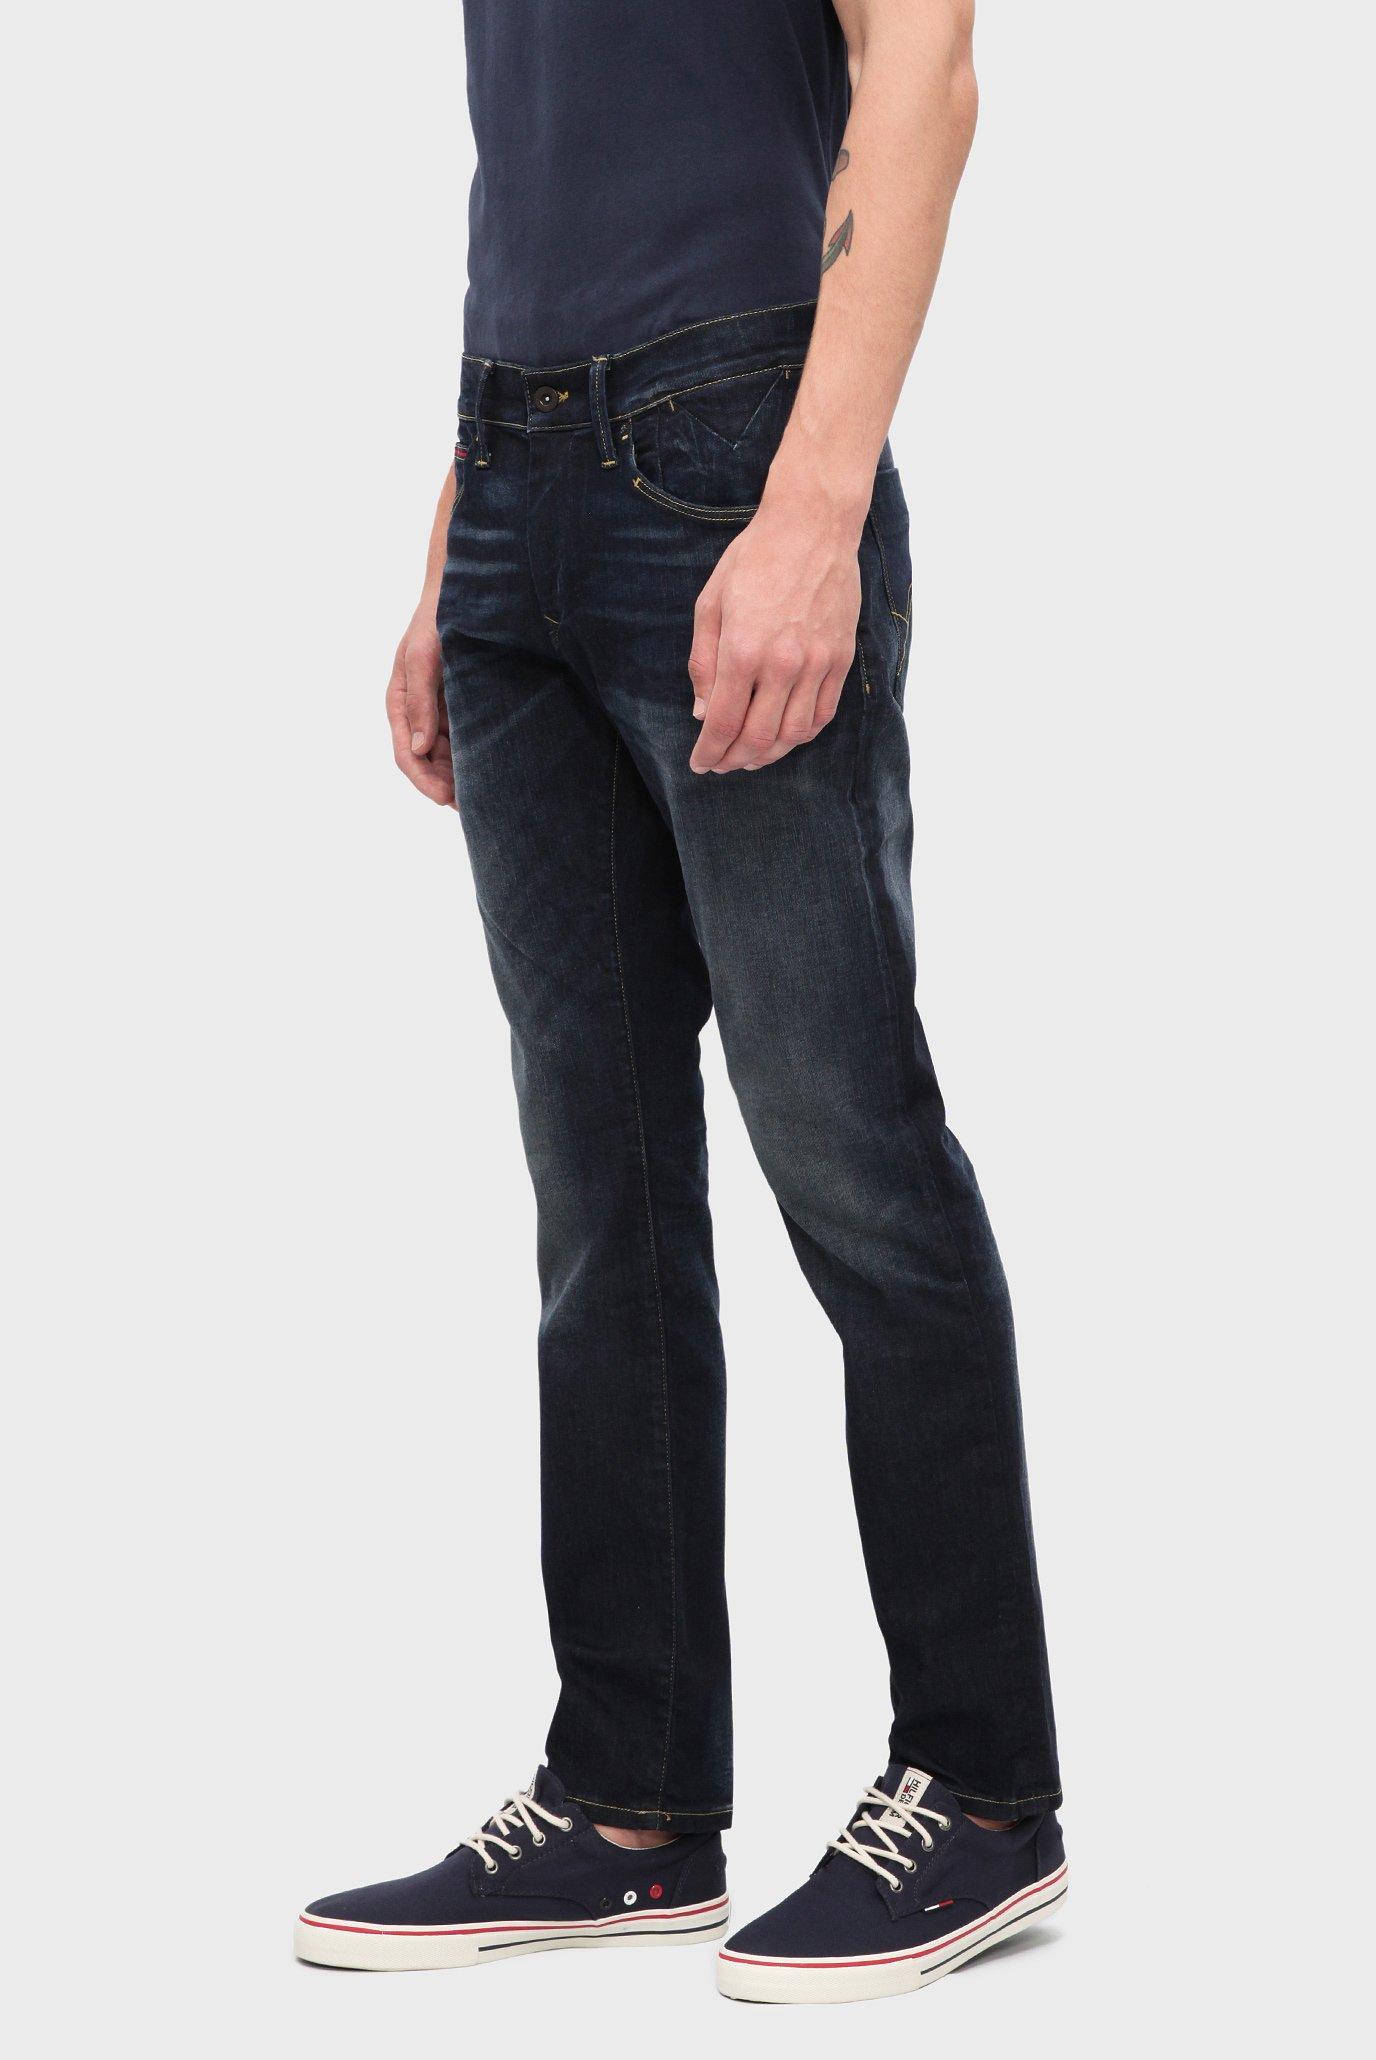 Купить Мужские темно-синие джинсы SLIM SCANTON Tommy Hilfiger Tommy Hilfiger DM0DM02546 – Киев, Украина. Цены в интернет магазине MD Fashion